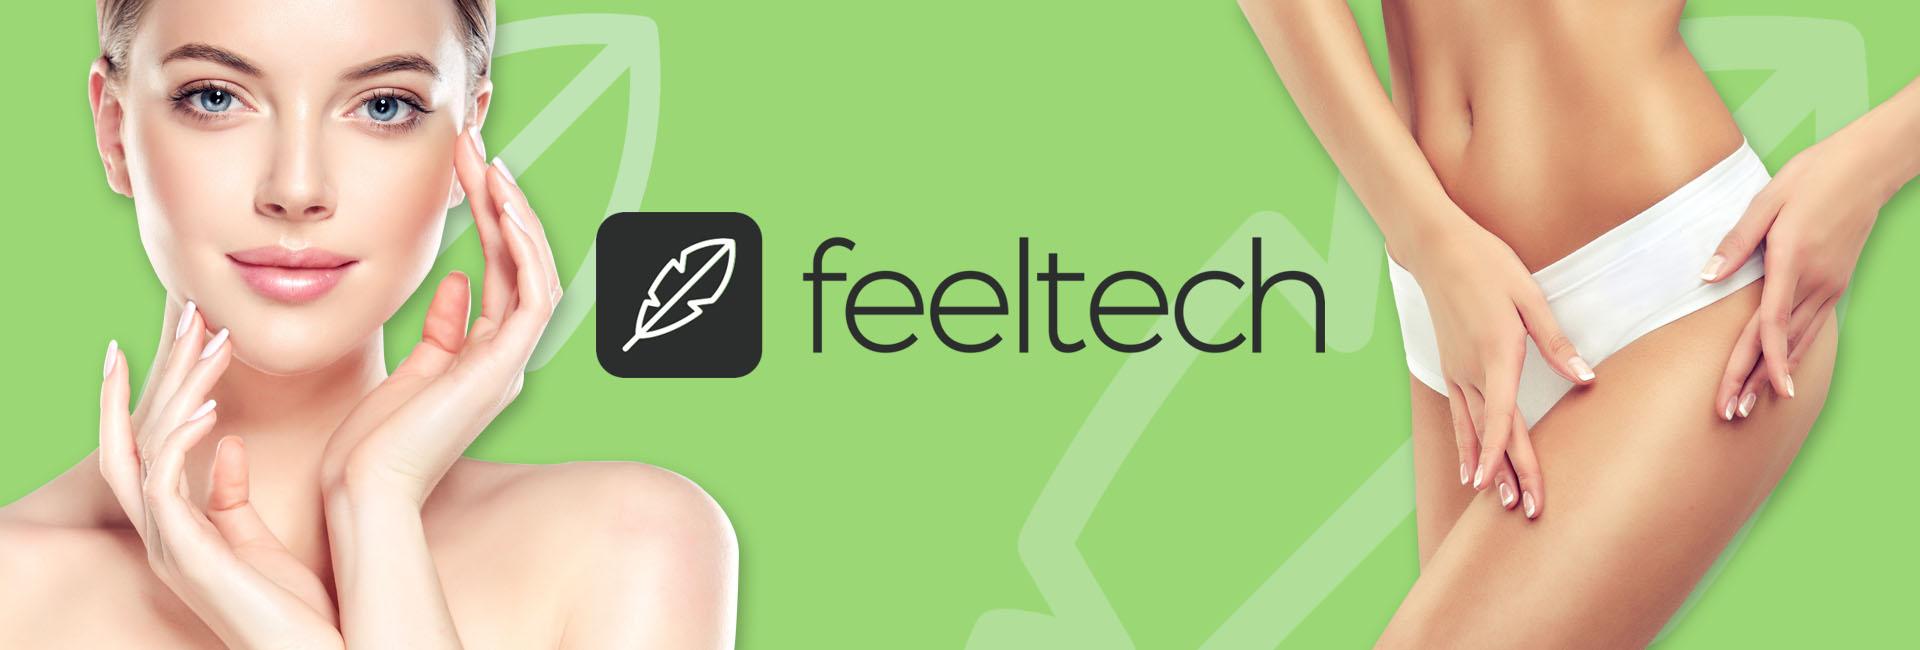 FeelTech